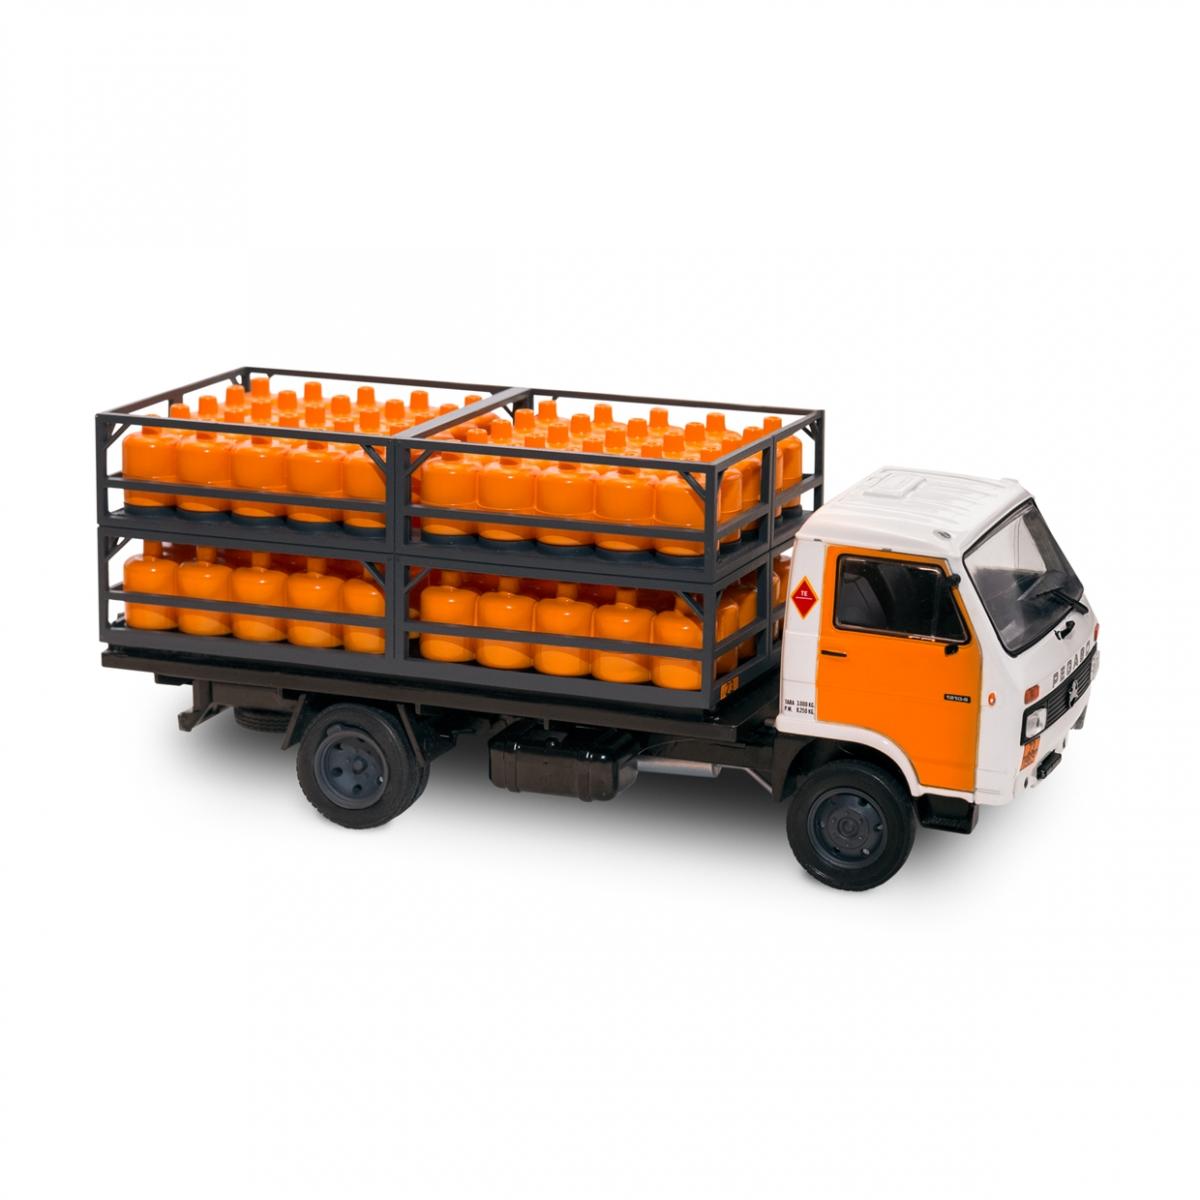 Imagen en la que se ve un camión del butano